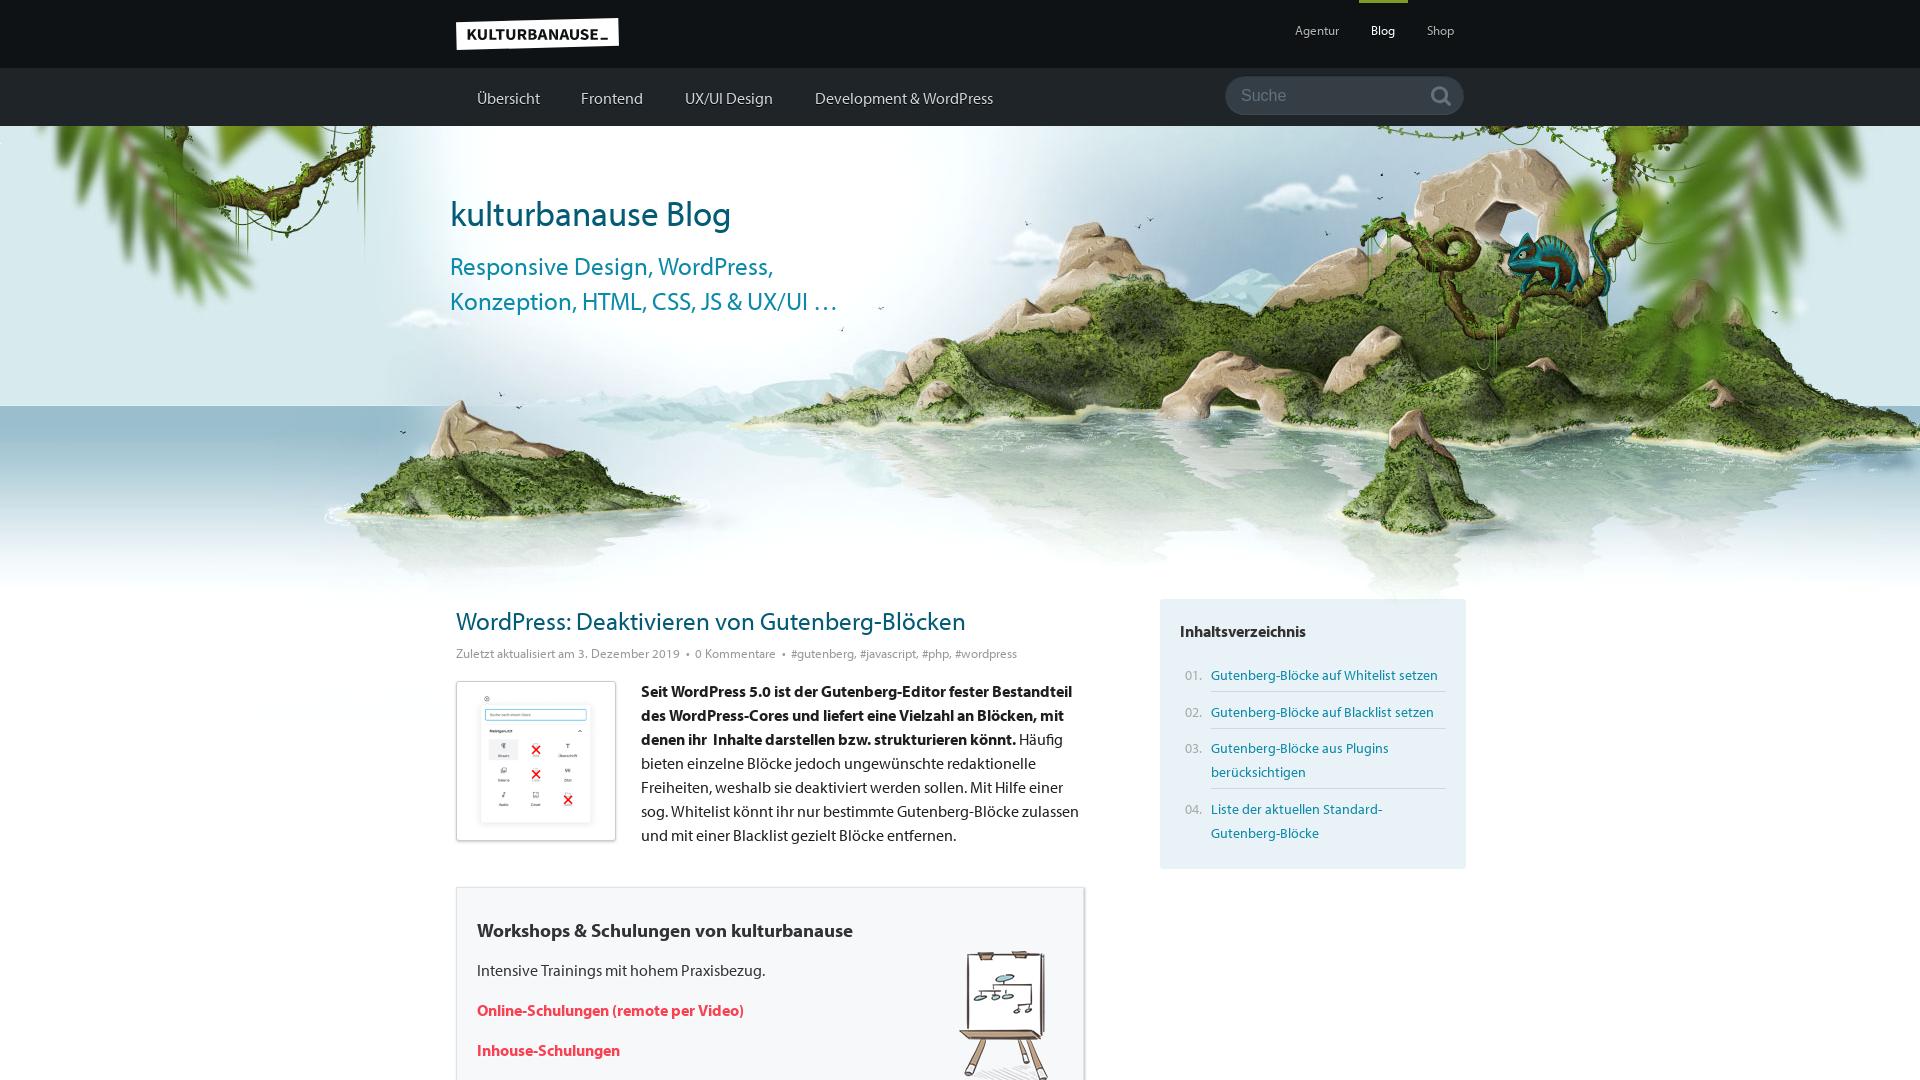 https://blog.kulturbanause.de/2019/12/wordpress-deaktivieren-von-gutenberg-bloecken/